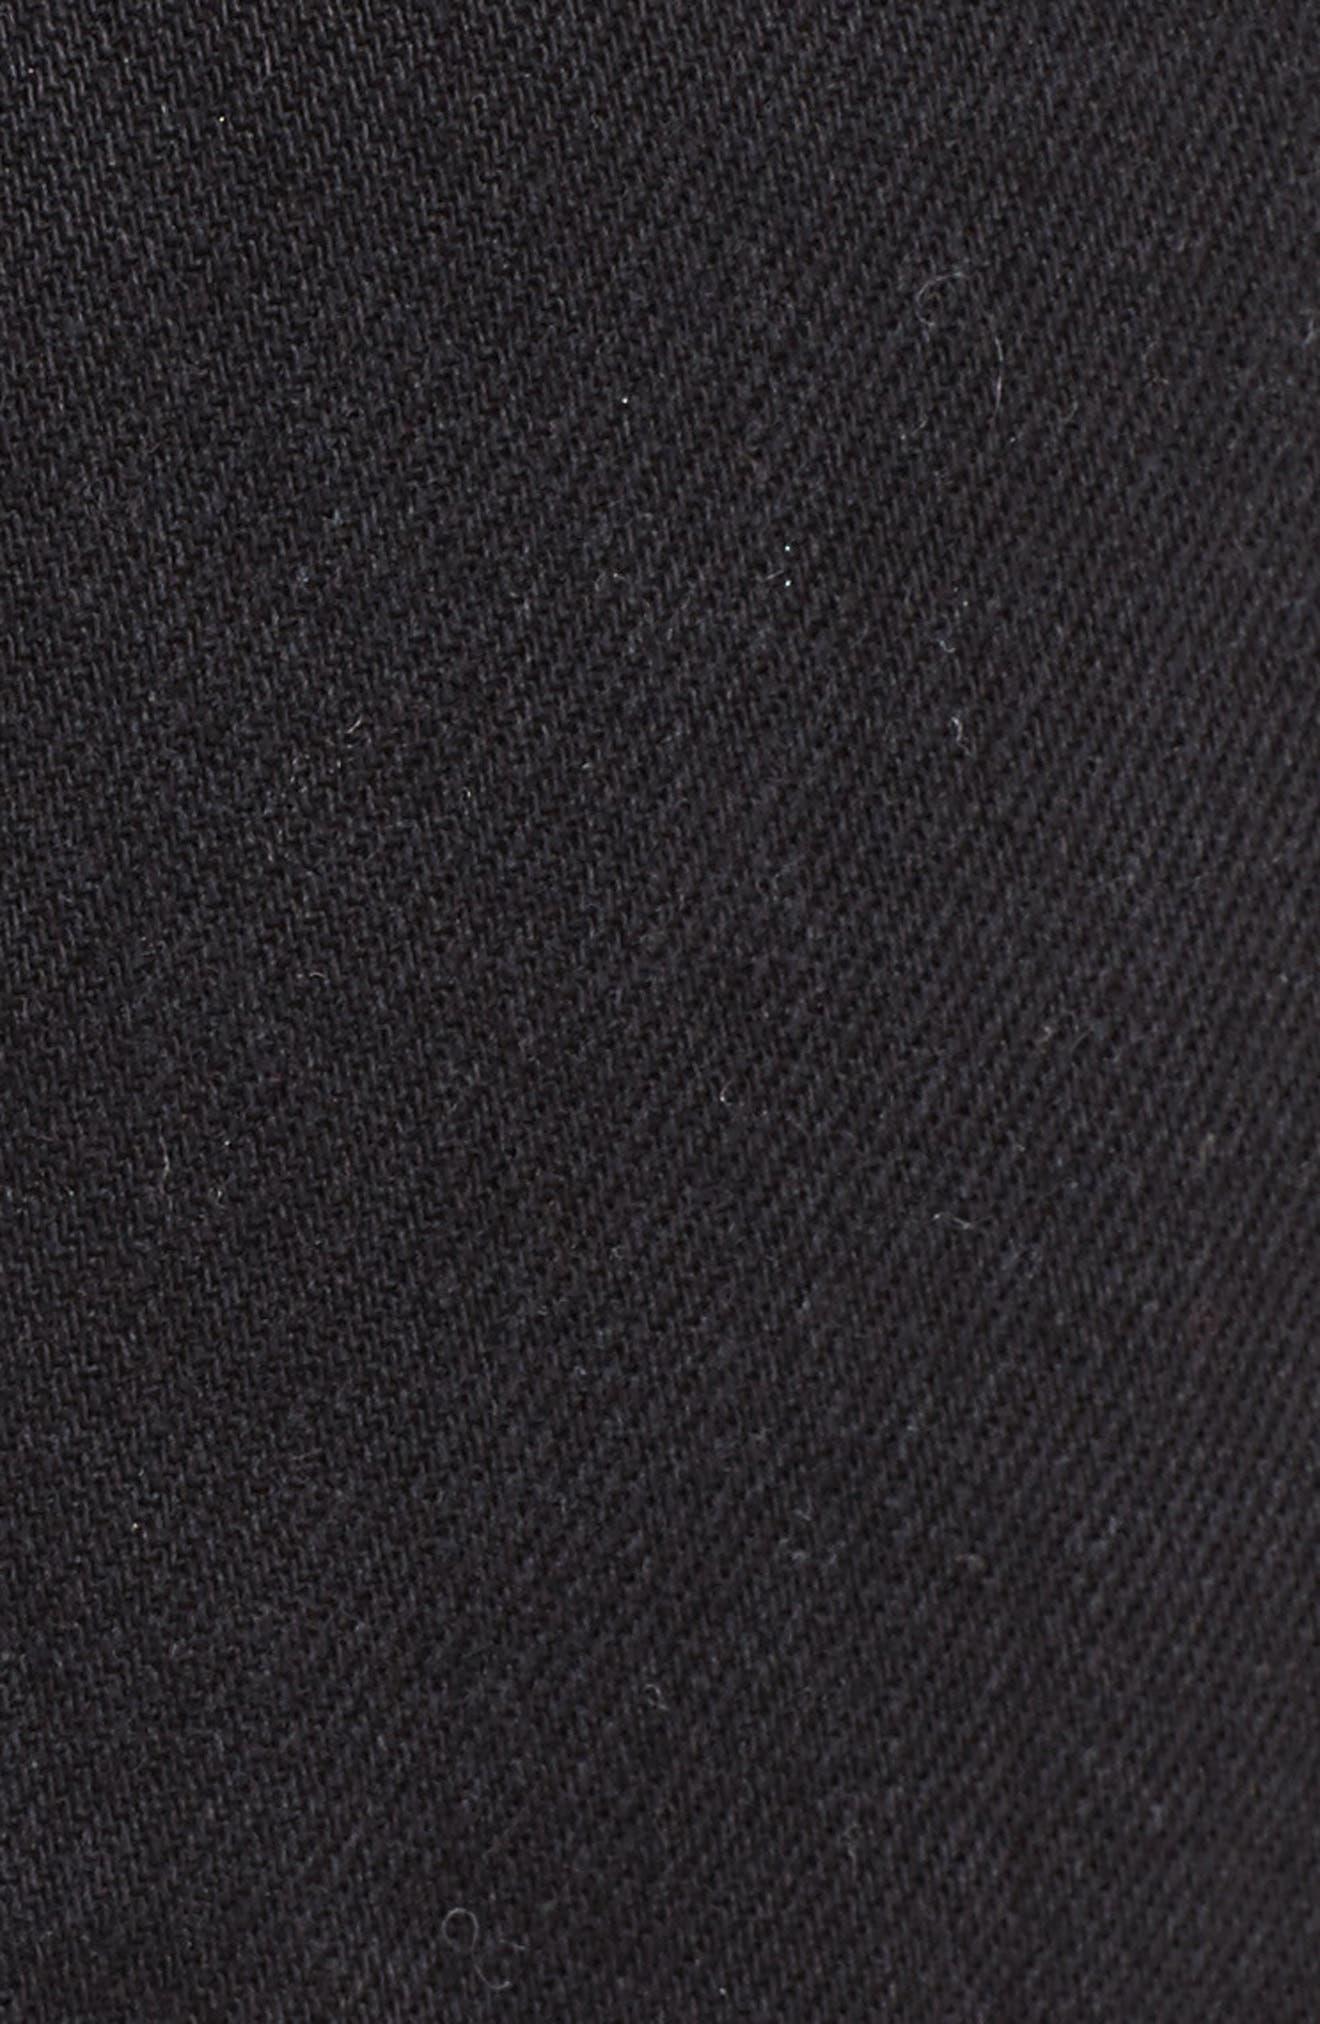 Le Mini Denim Skirt,                             Alternate thumbnail 5, color,                             001